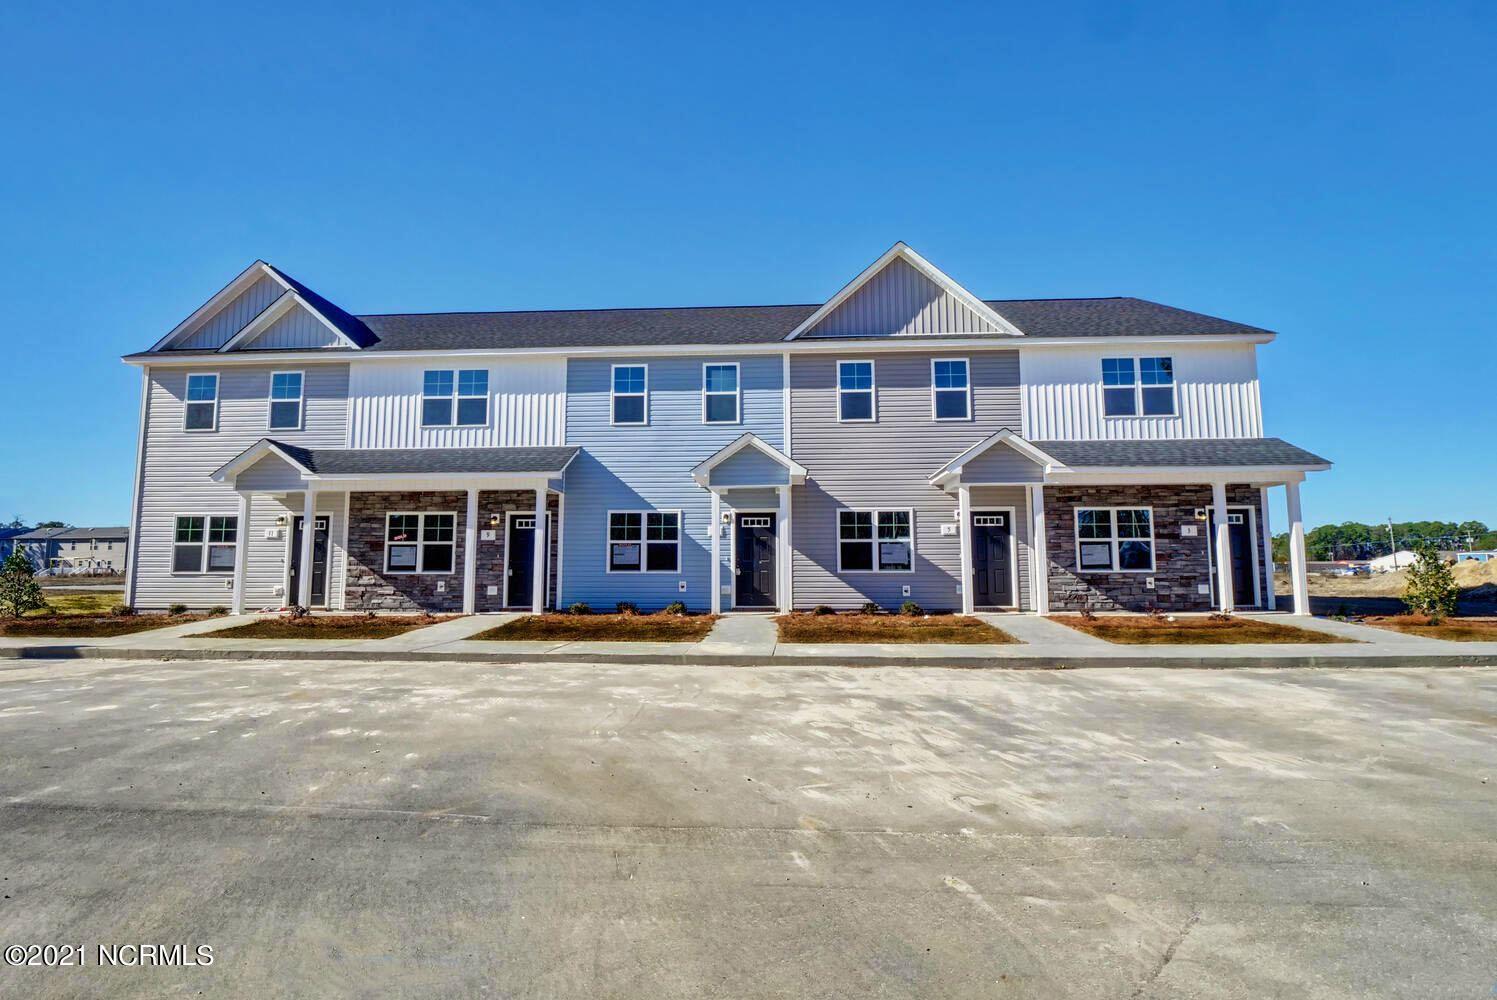 Photo of 6 Catalina Circle, Swansboro, NC 28584 (MLS # 100233720)